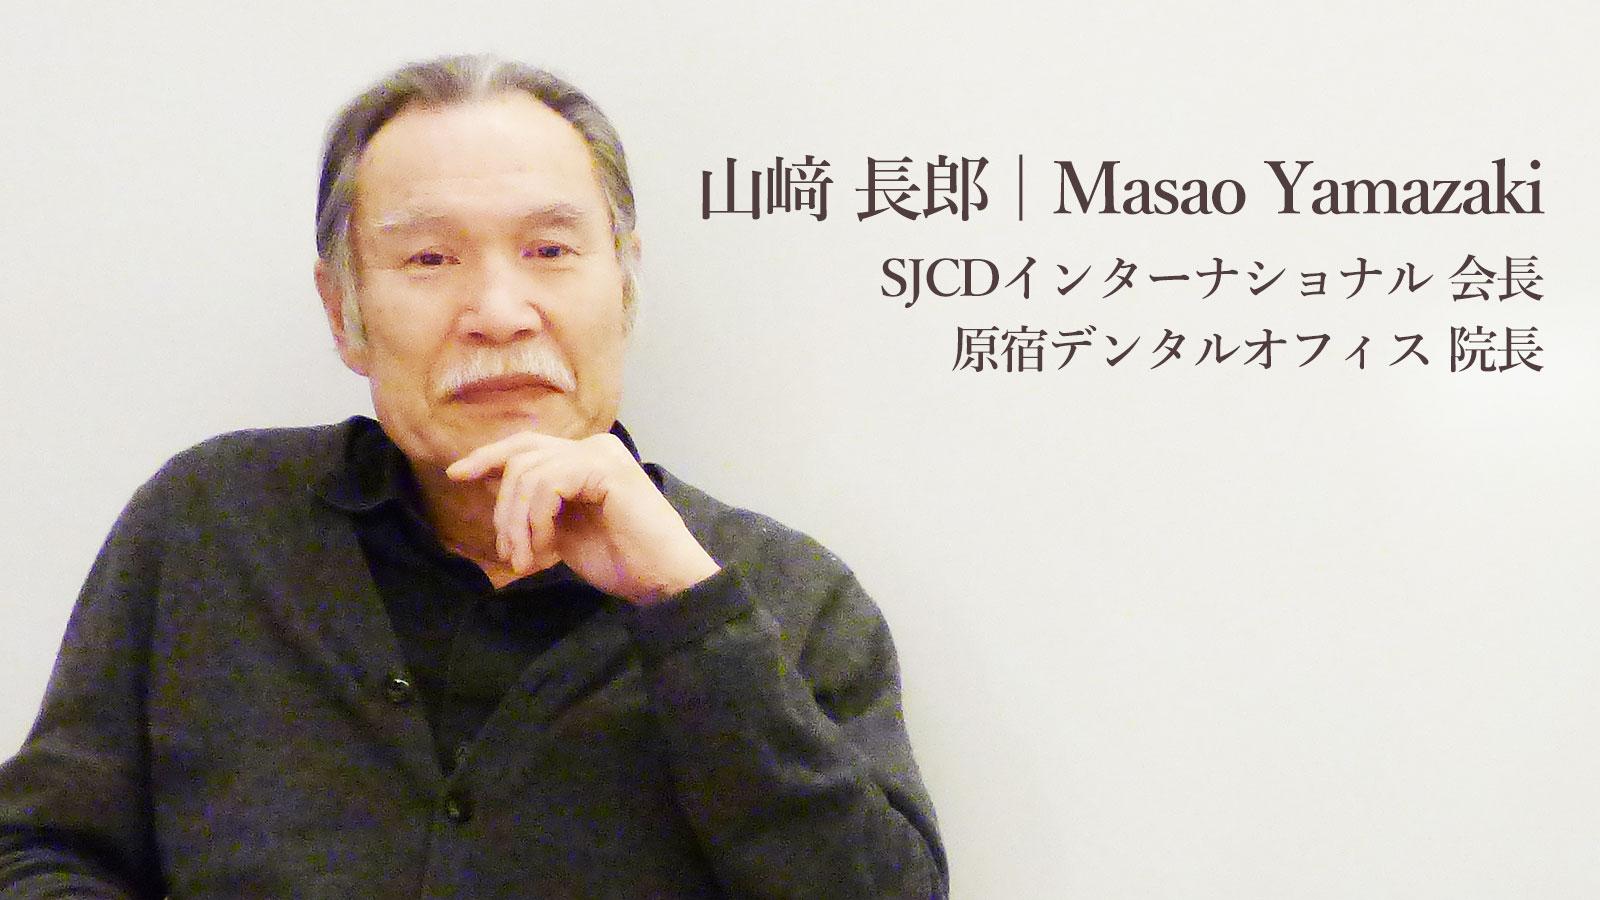 山﨑長郎先生 後編『日本の歯科の過去・現在・未来』の画像です